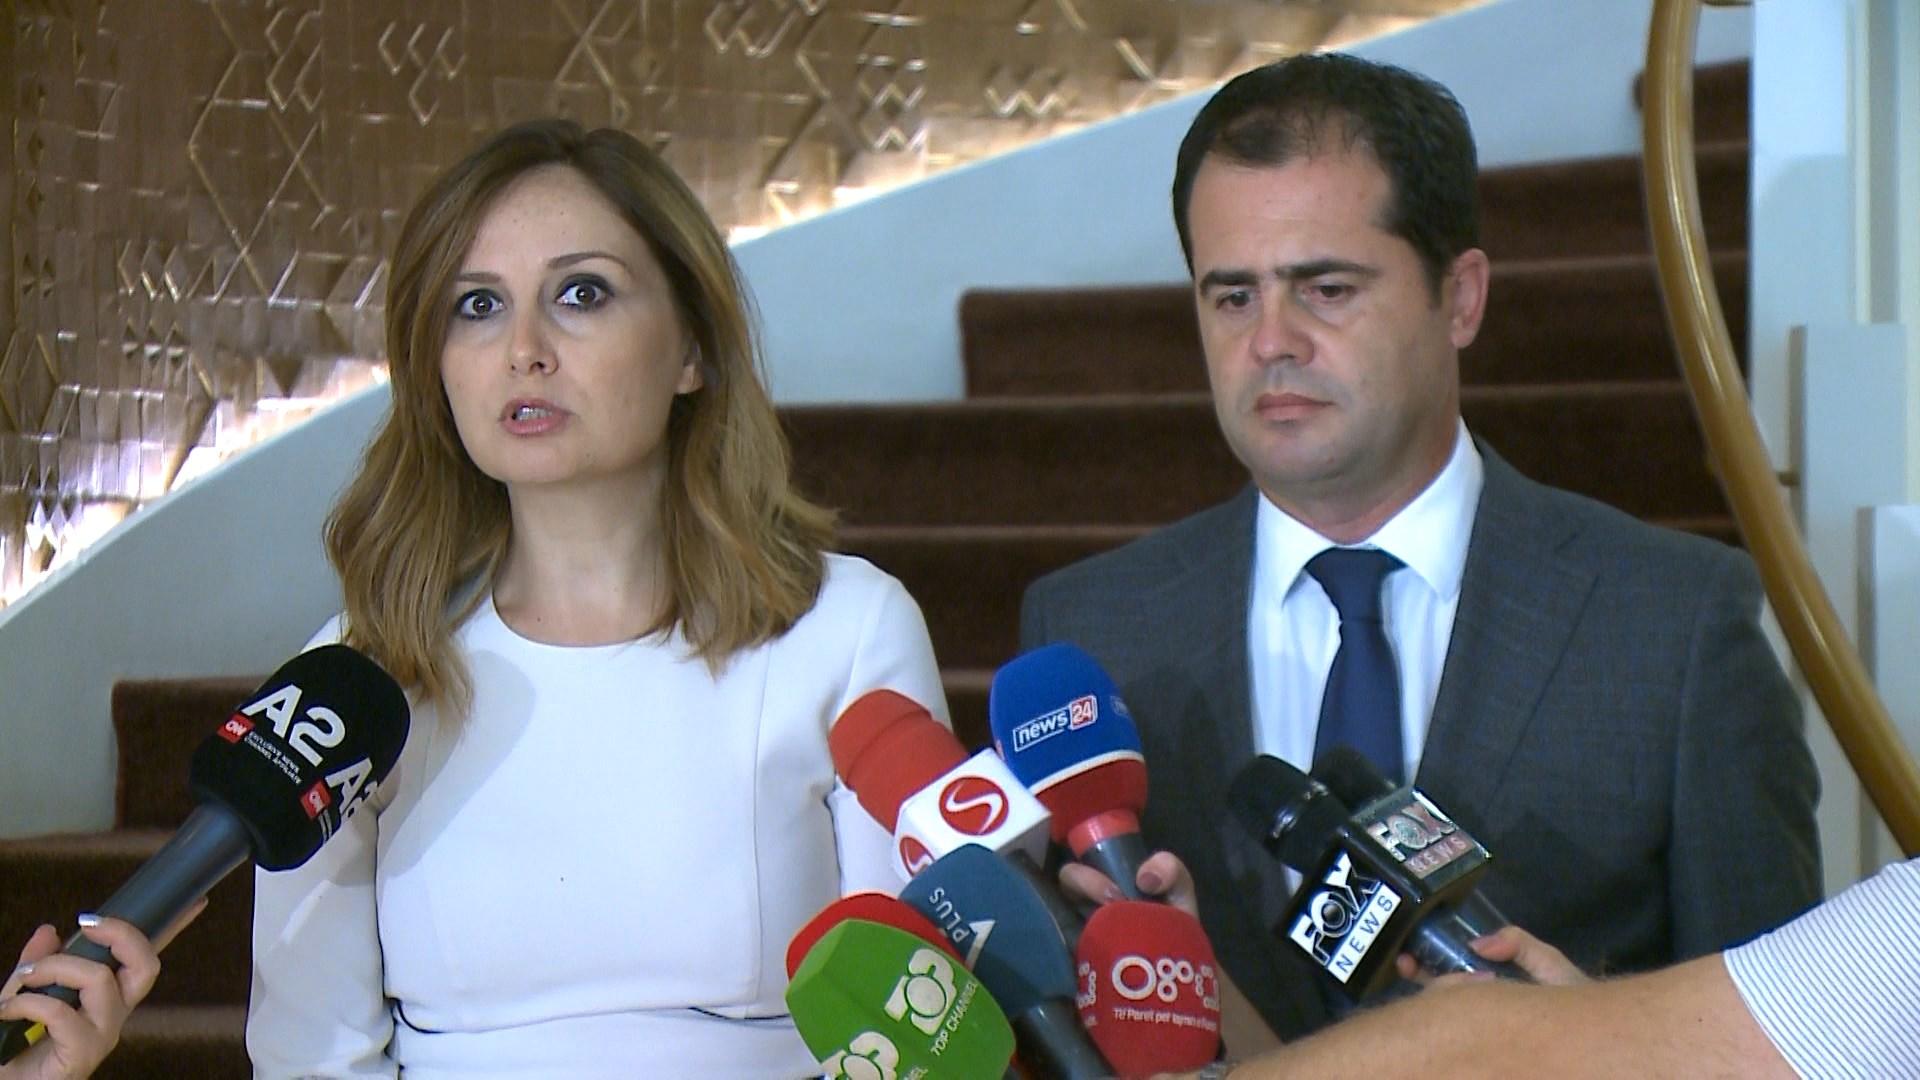 Komisioni i Venecias për pronat, PD: Pronarët nuk ankohen dot me eleminimin e Kushtetueses